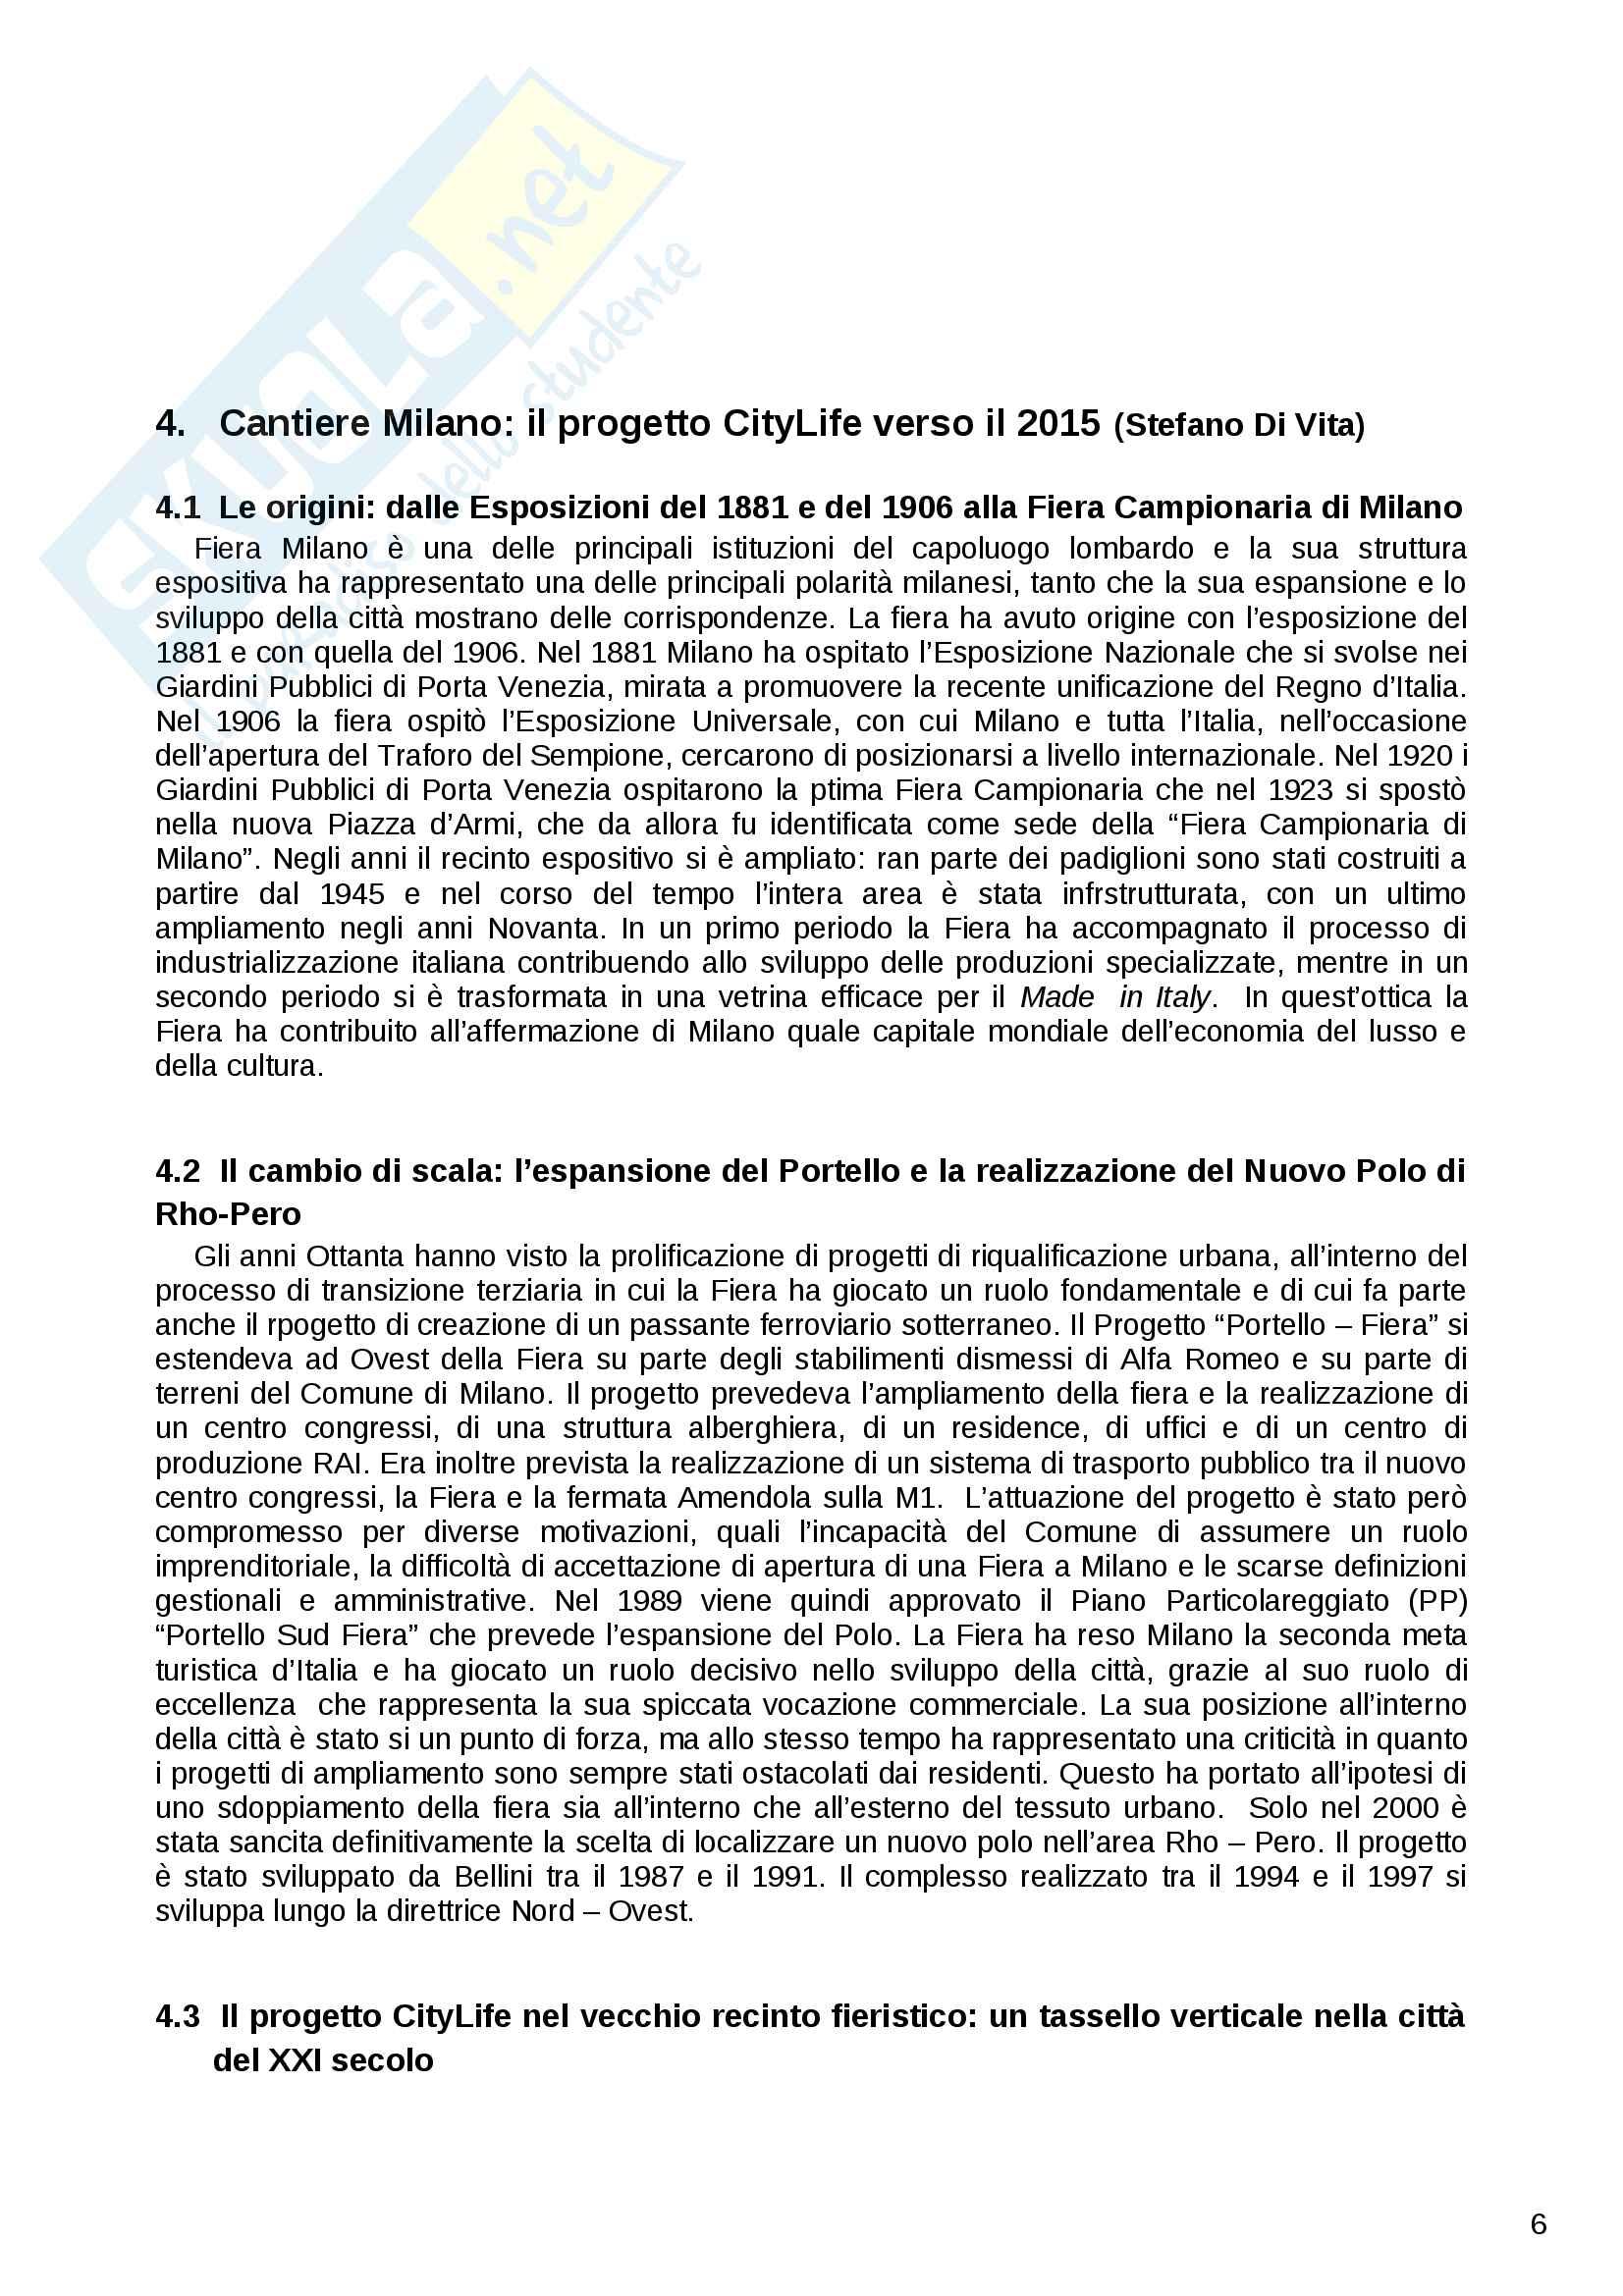 Riassunto esame Geografia Urbana e Regionale, prof. Dino Gavinelli, libro consigliato La Lombardia occidentale laboratorio di scomposizione e ricomposizione territoriale Pag. 6